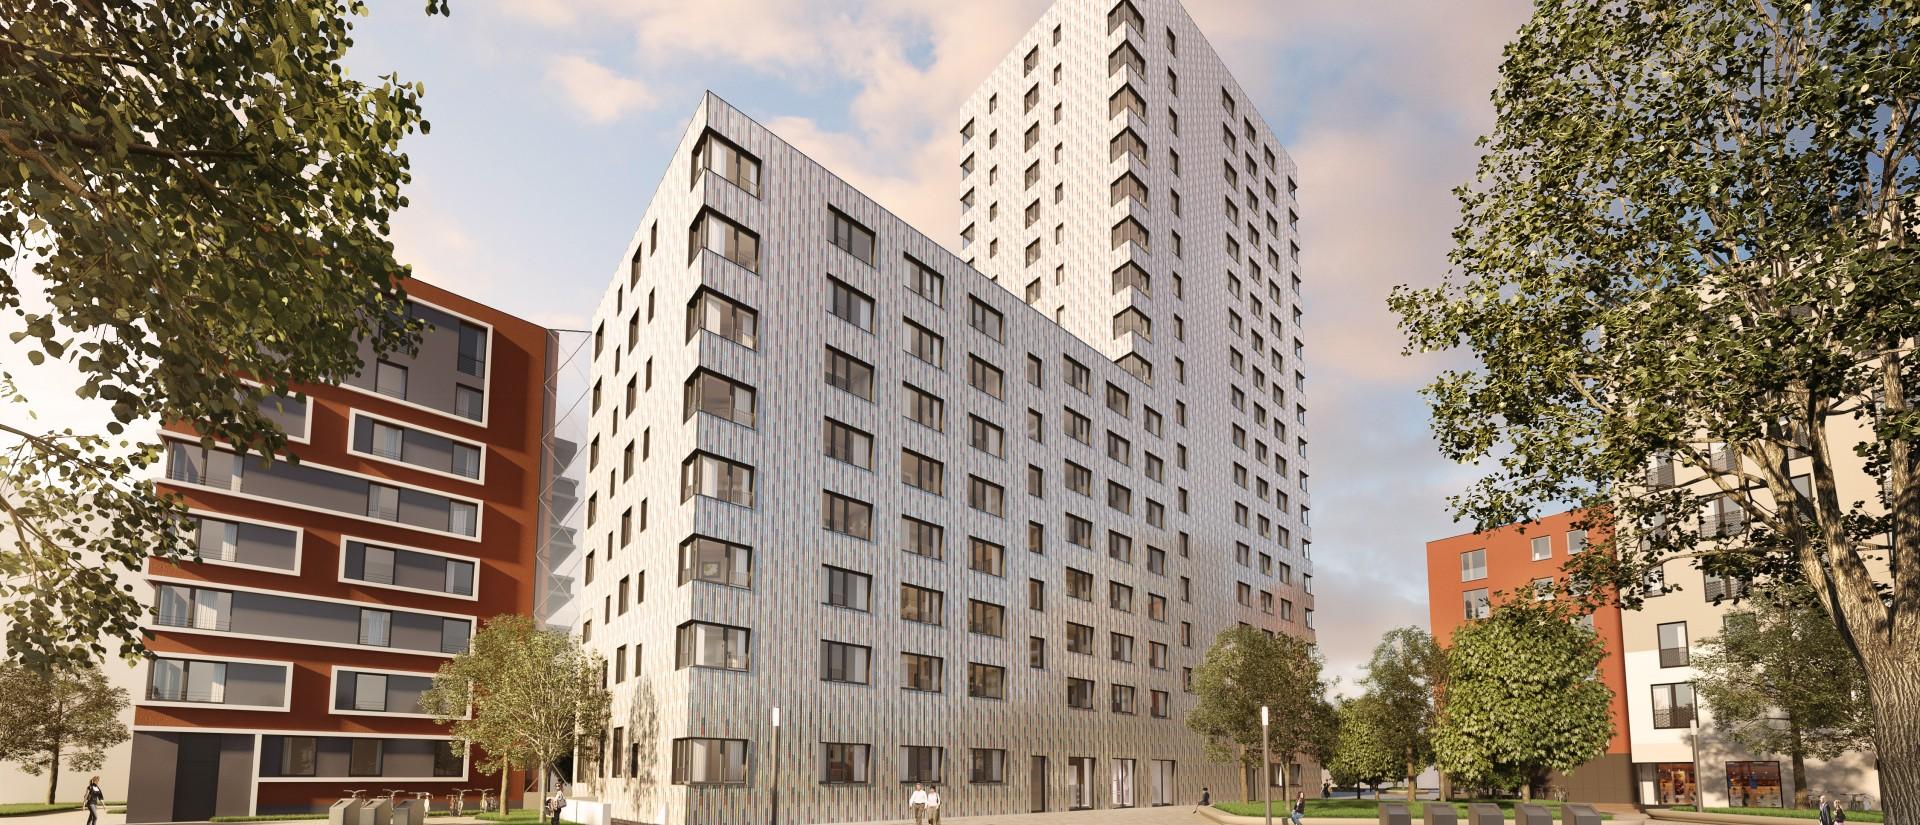 Grafik: Unverbindliche Visualisierung des Hochhauses in der Lehrter Straße © Zabel Property